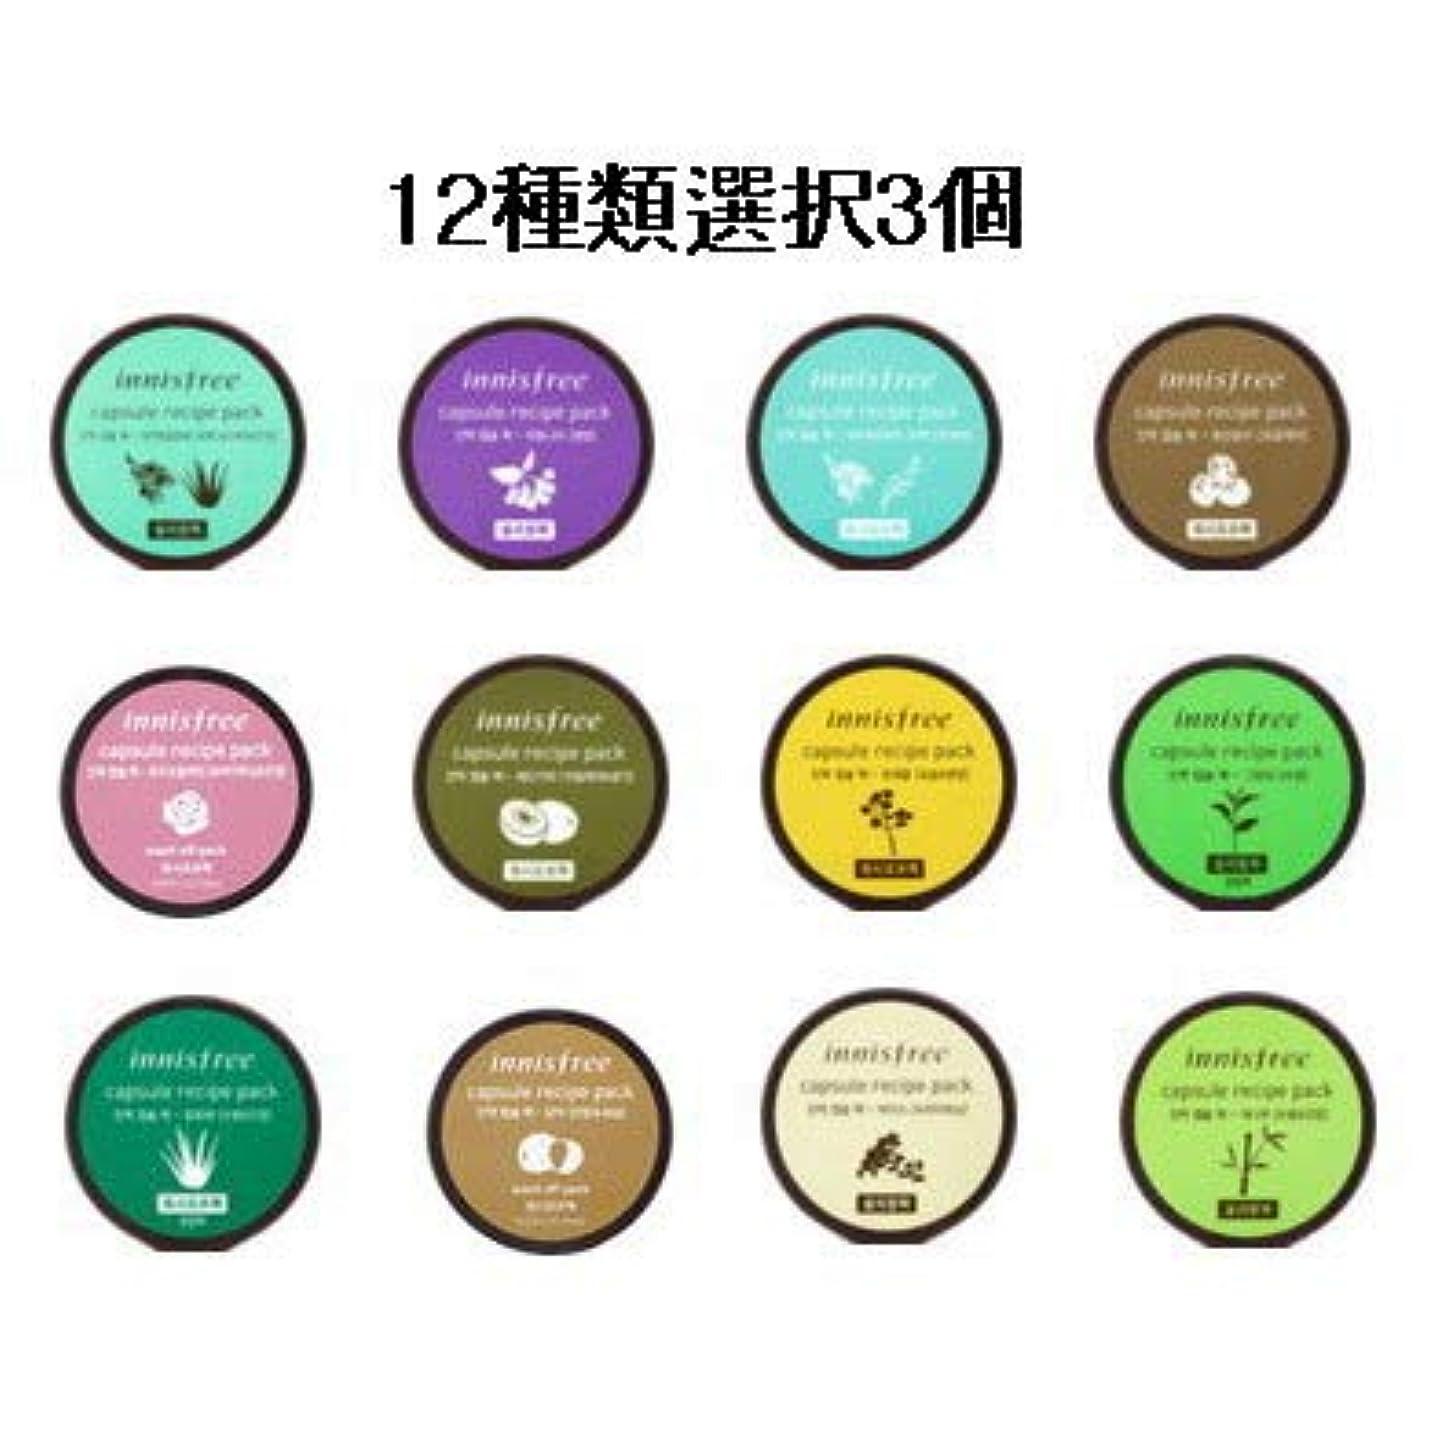 サンダルベーリング海峡かりて【innisfree(イニスフリー)】津液カプセルパック10ml×3個 (12種類選択3個) [並行輸入品]